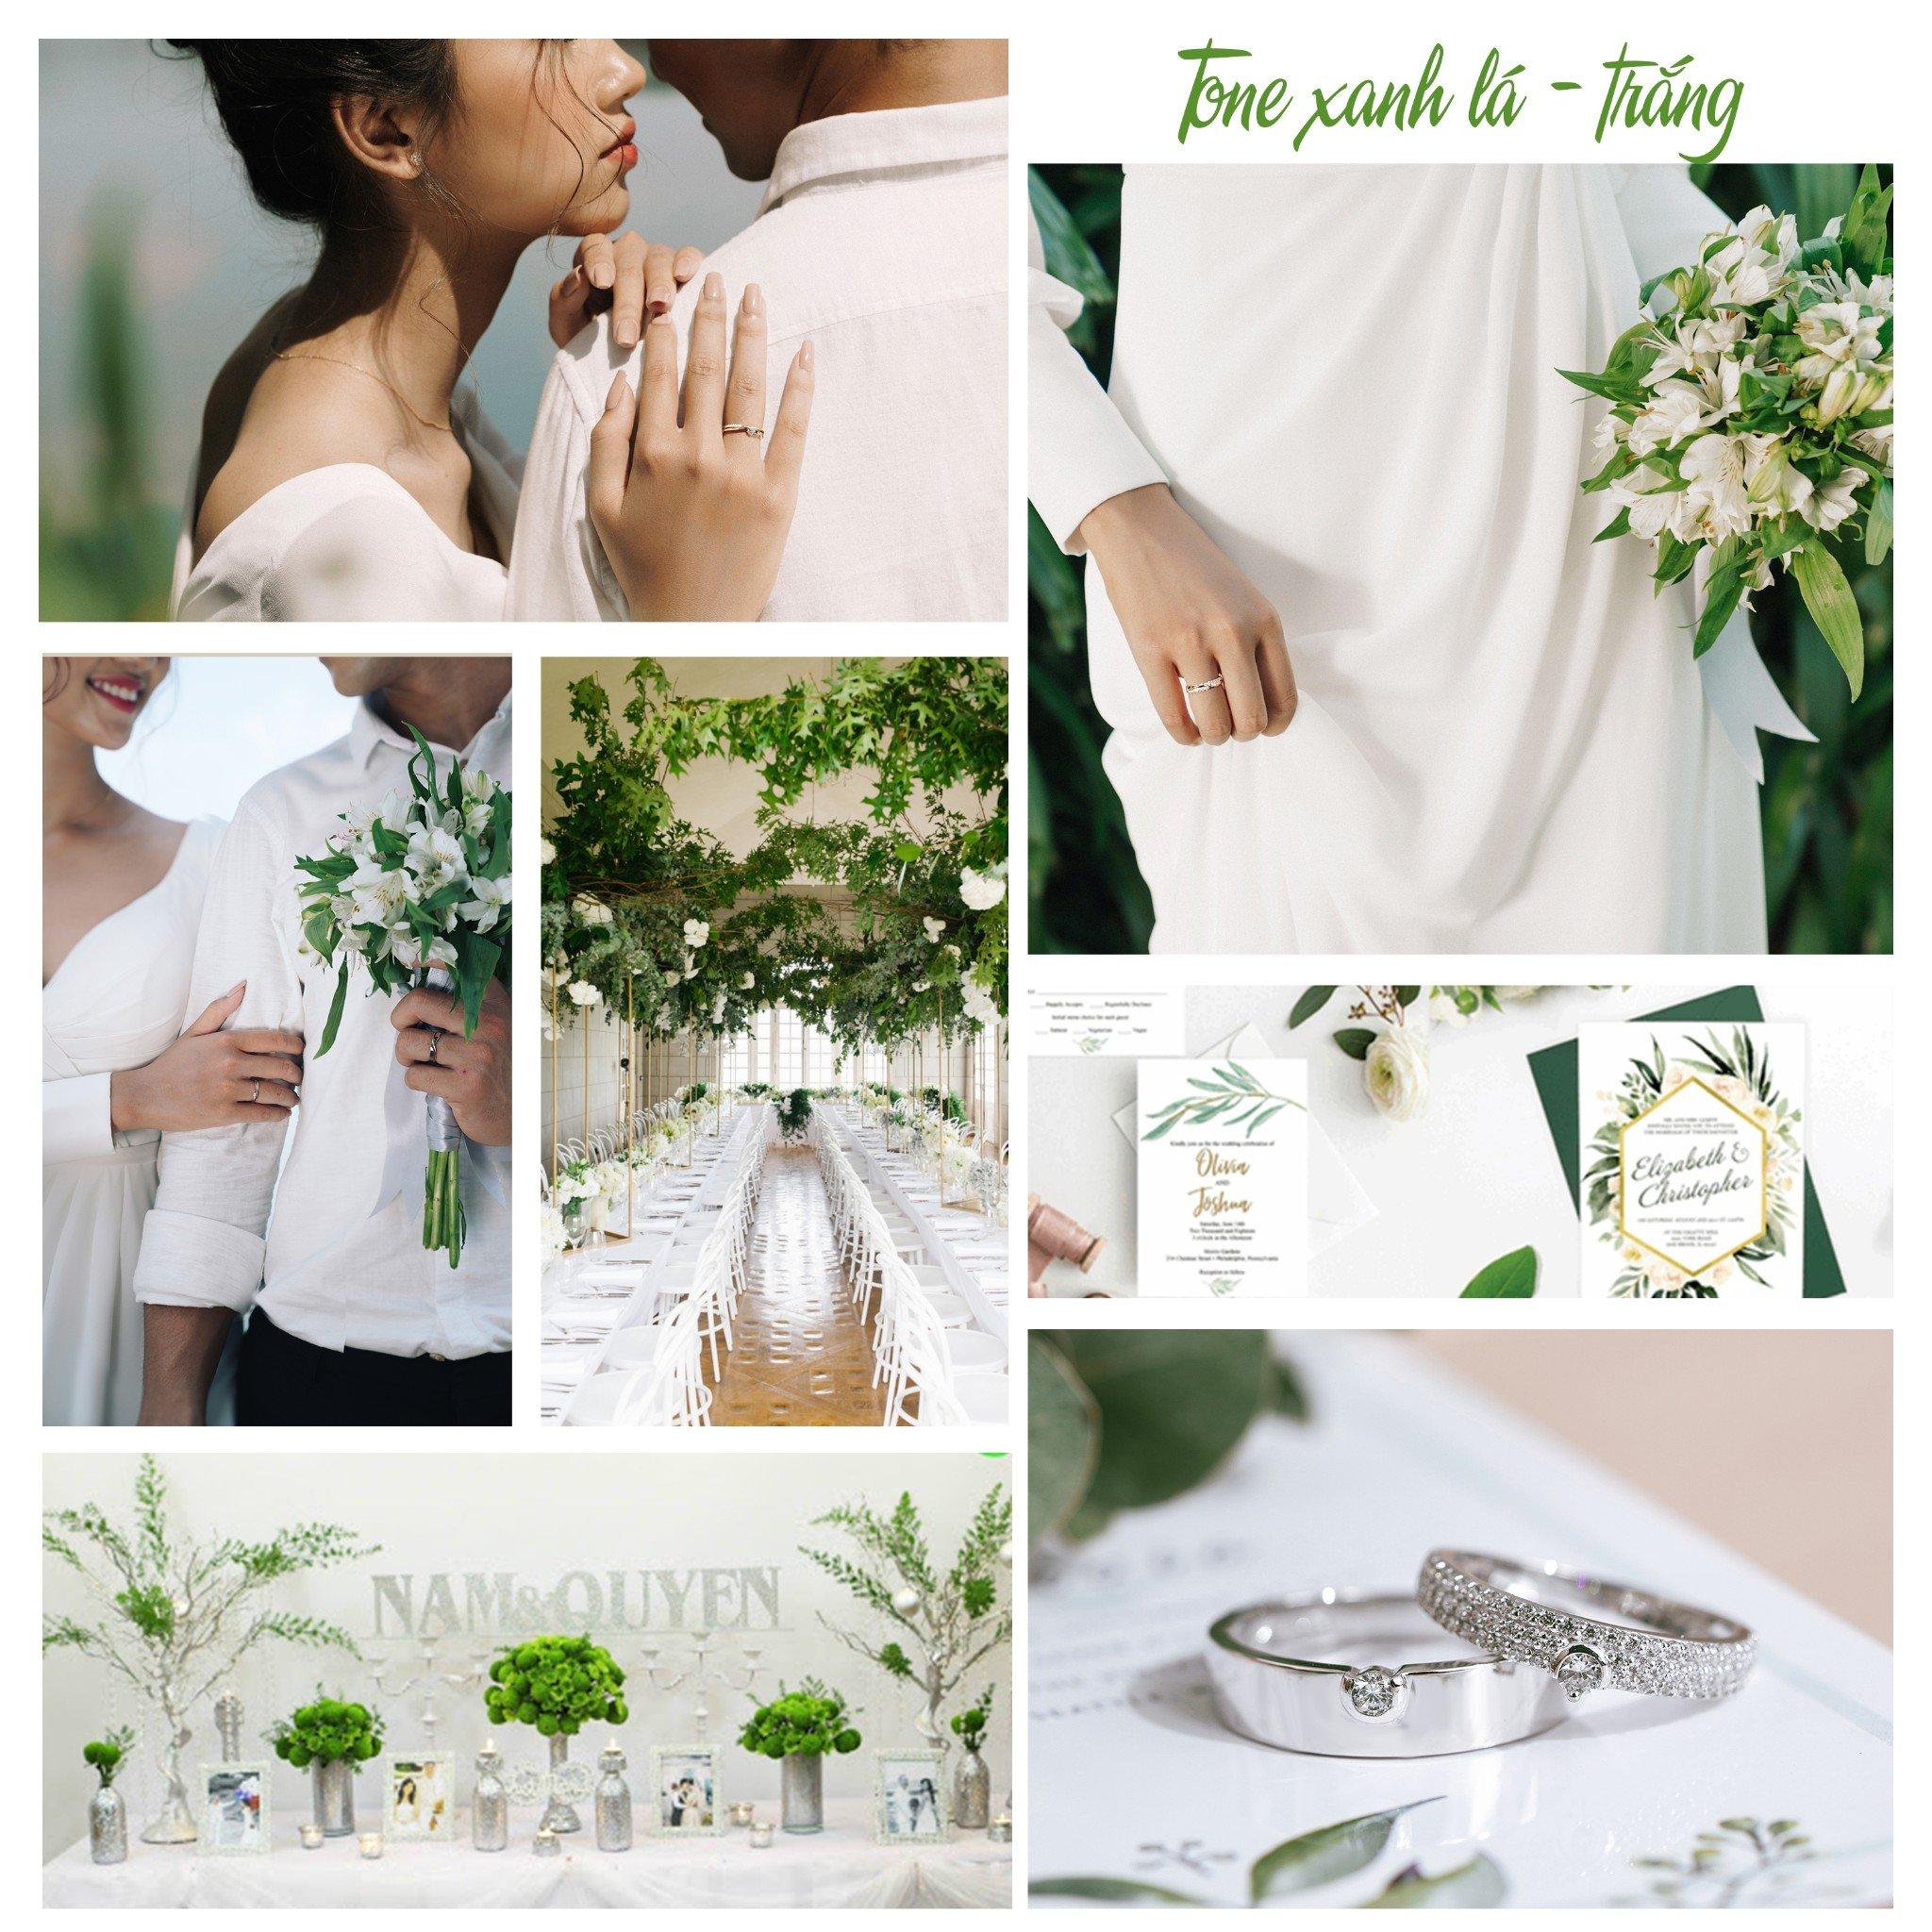 không gian tiệc cưới tone xanh lá